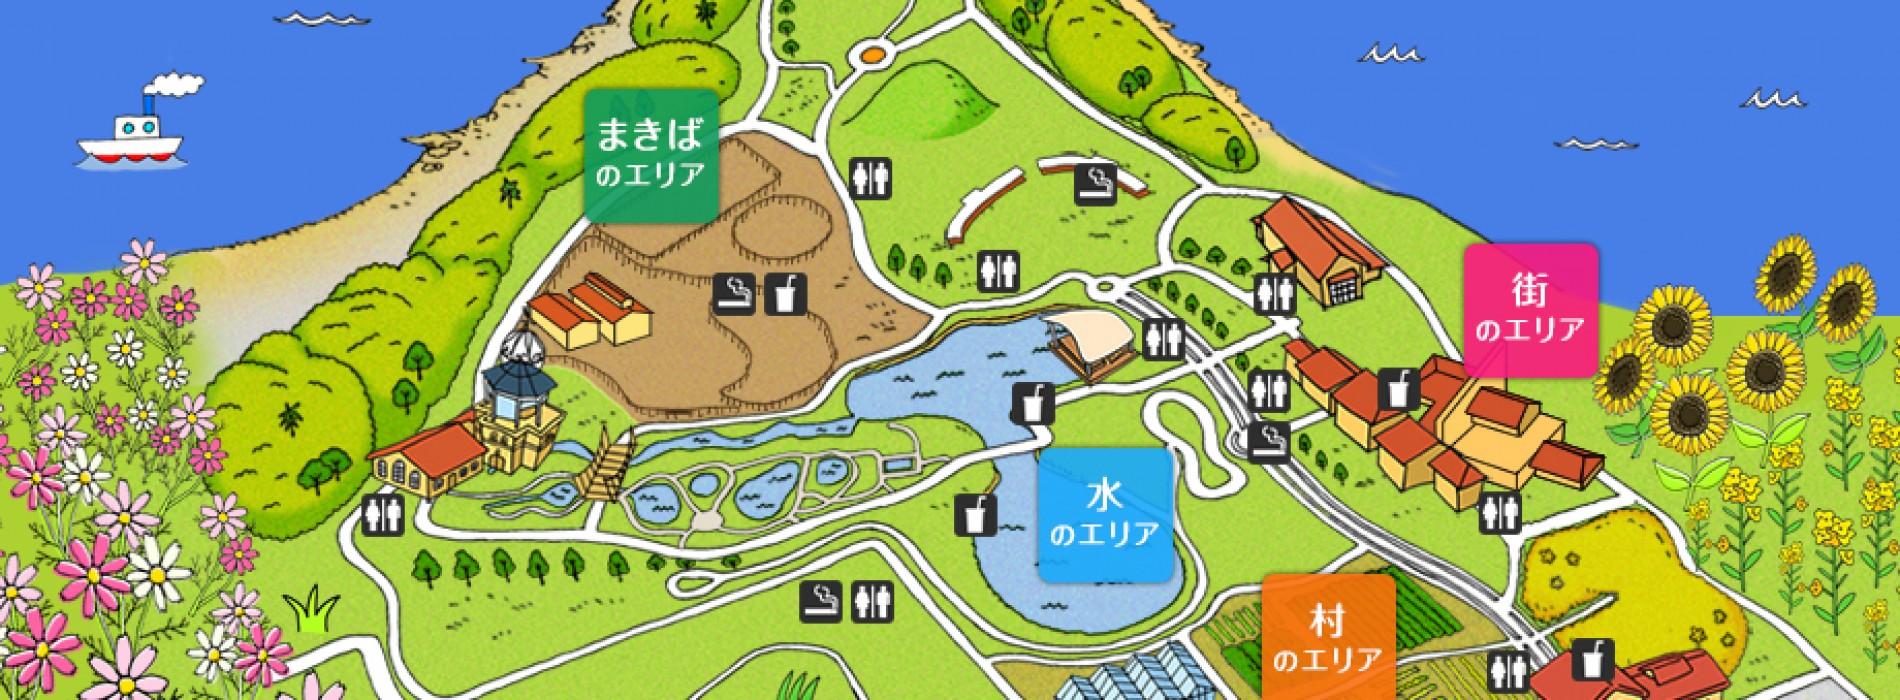 日本好玩「山頭」公園